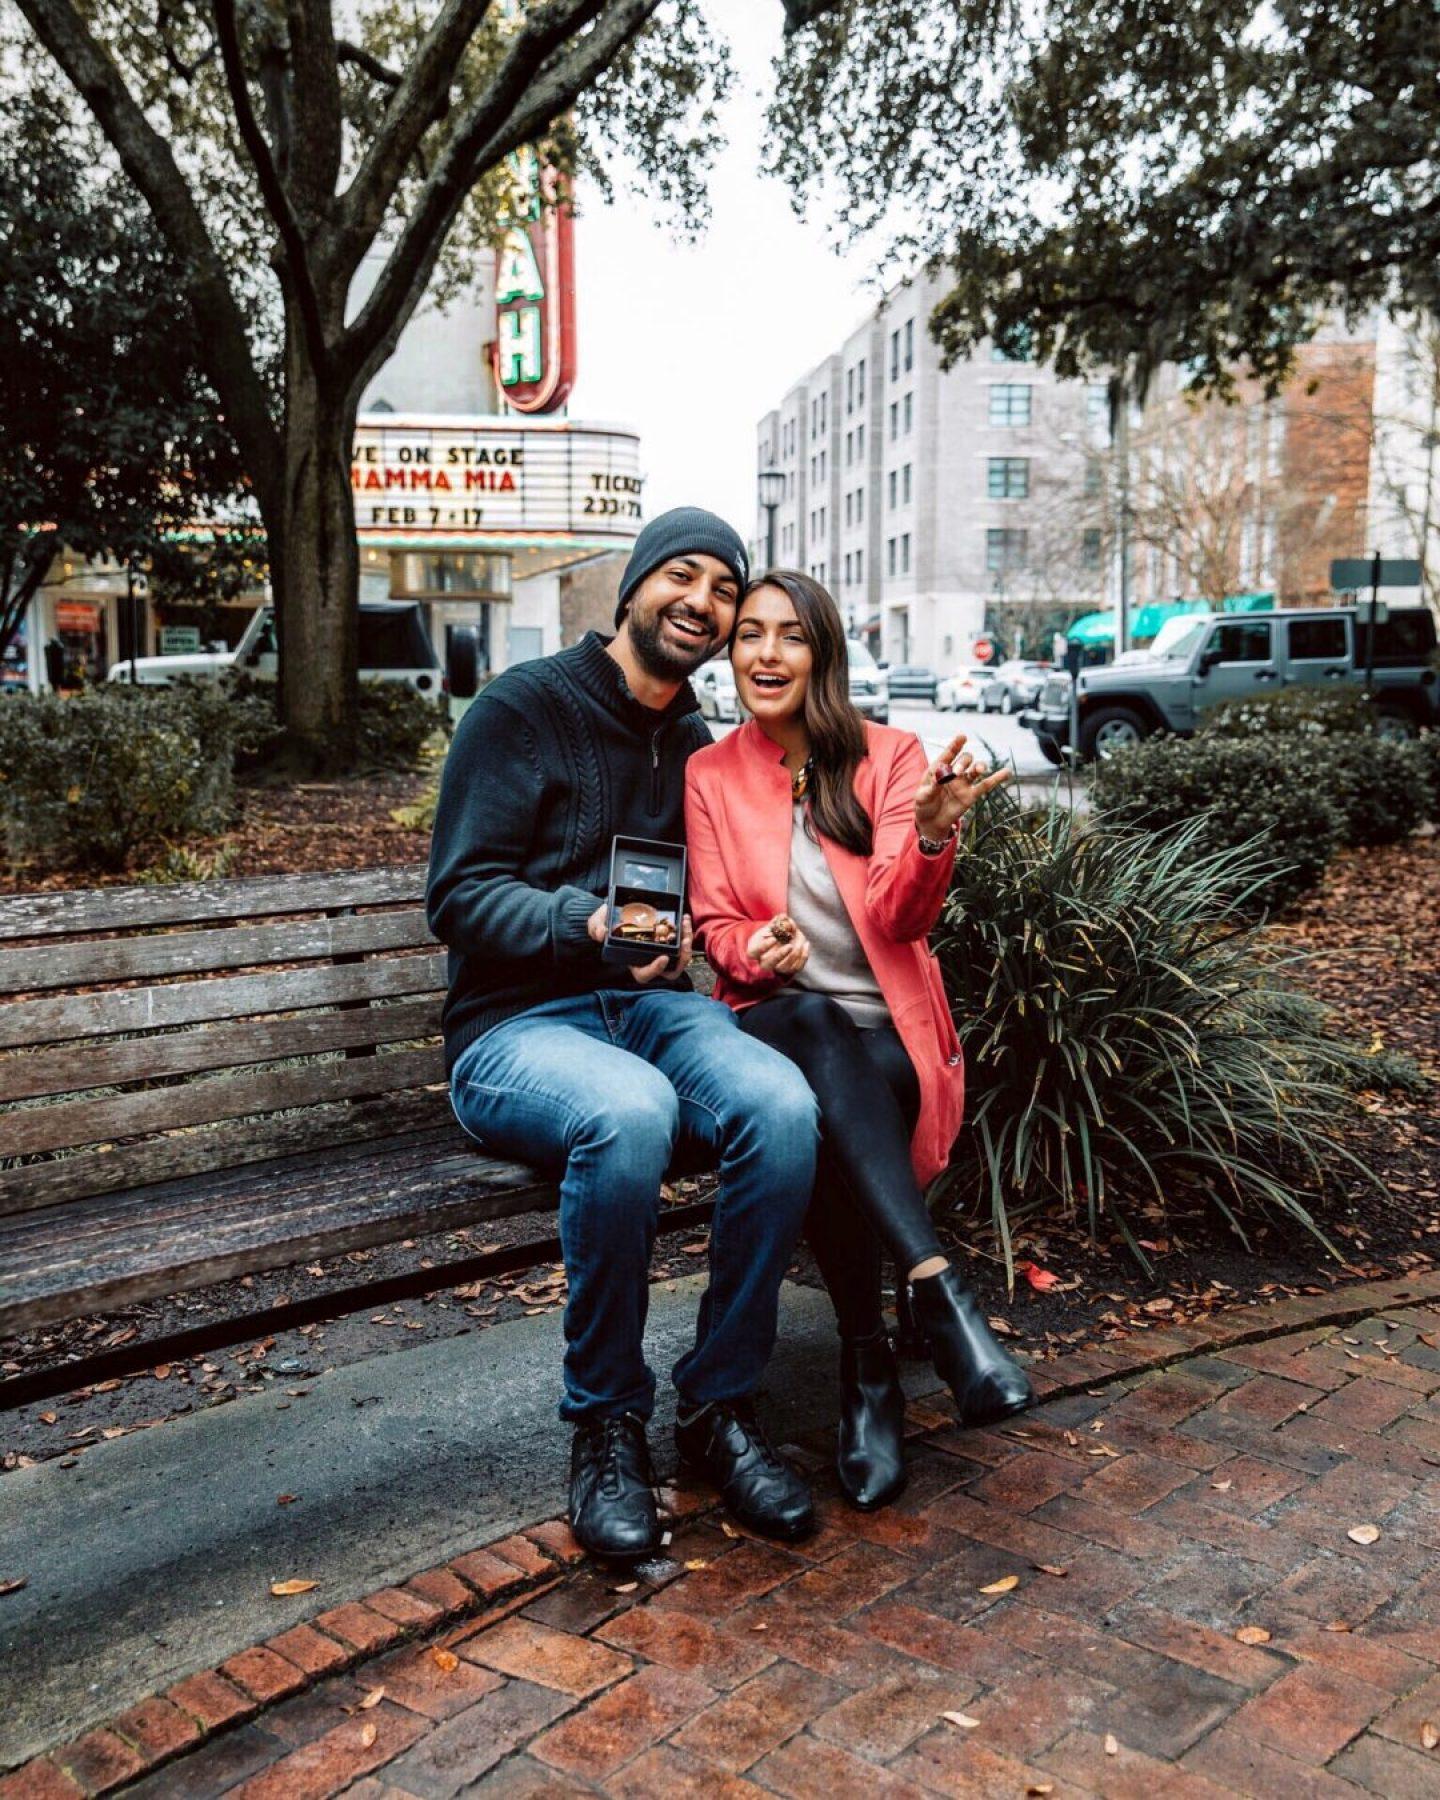 Nita Mann and her business partner, not Instagram husband, Ajeet Mann